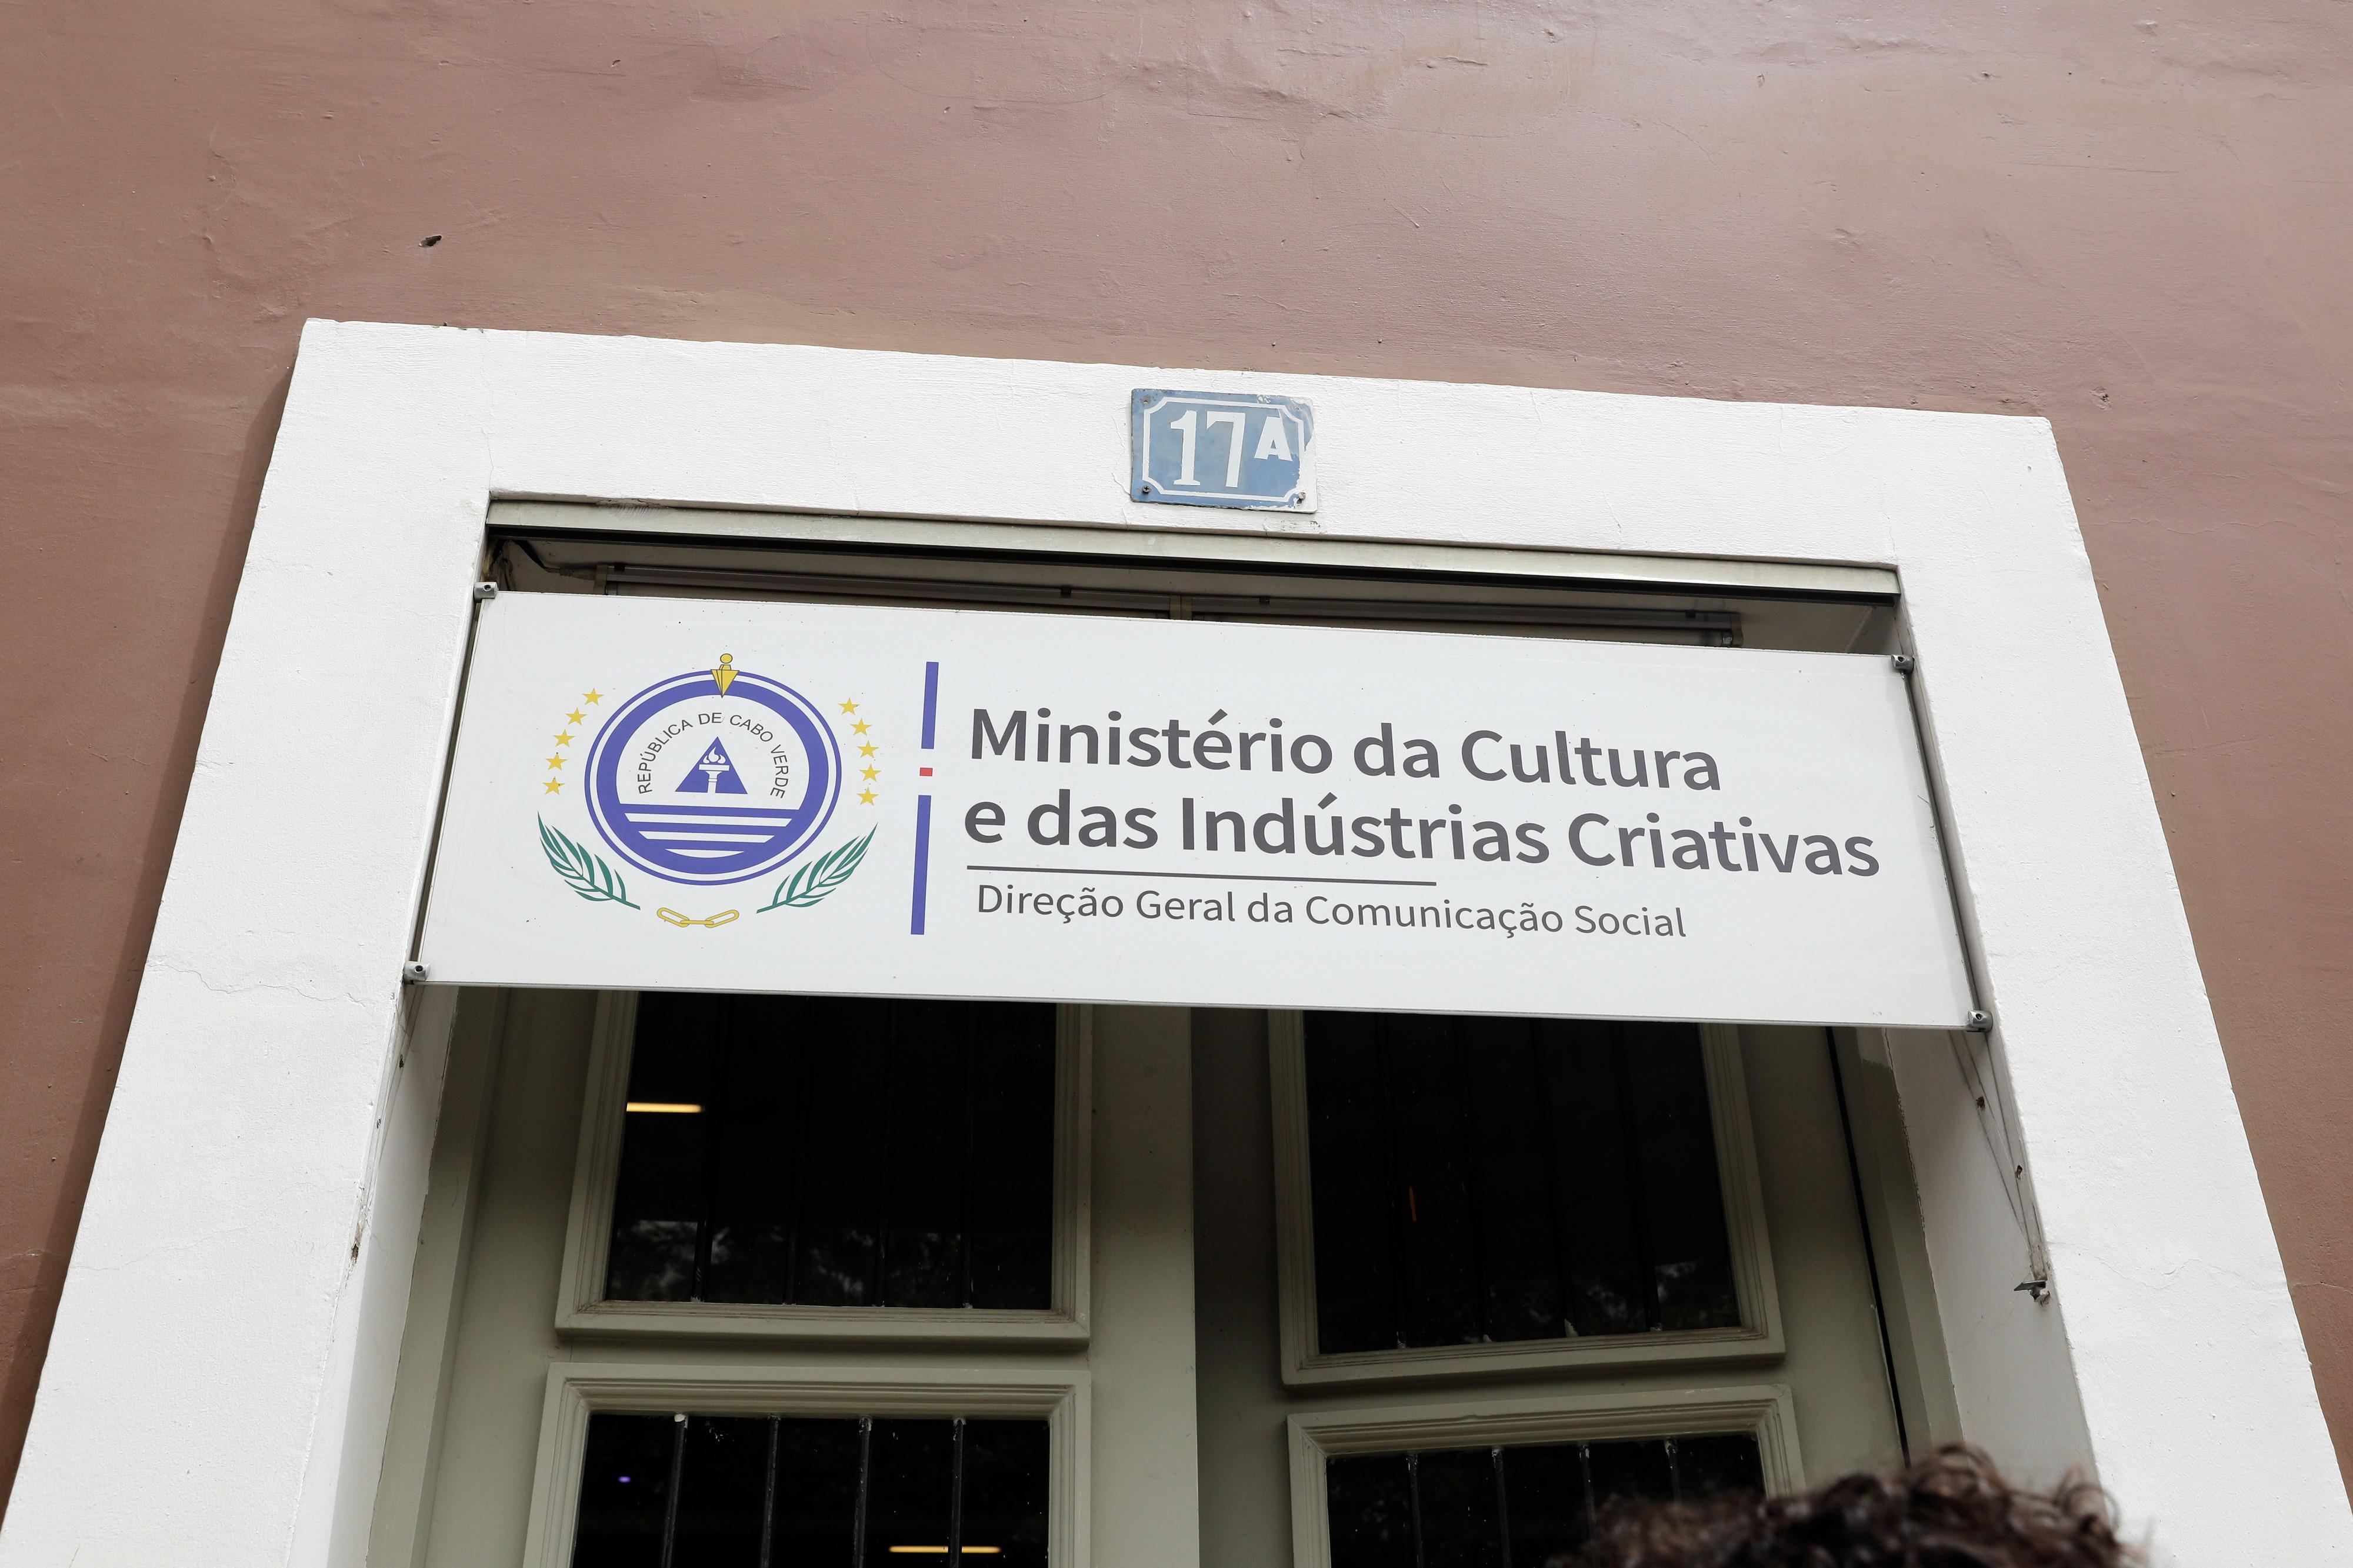 Ministério da Cultura de Cabo Verde põe artistas a atuar por 90 euros